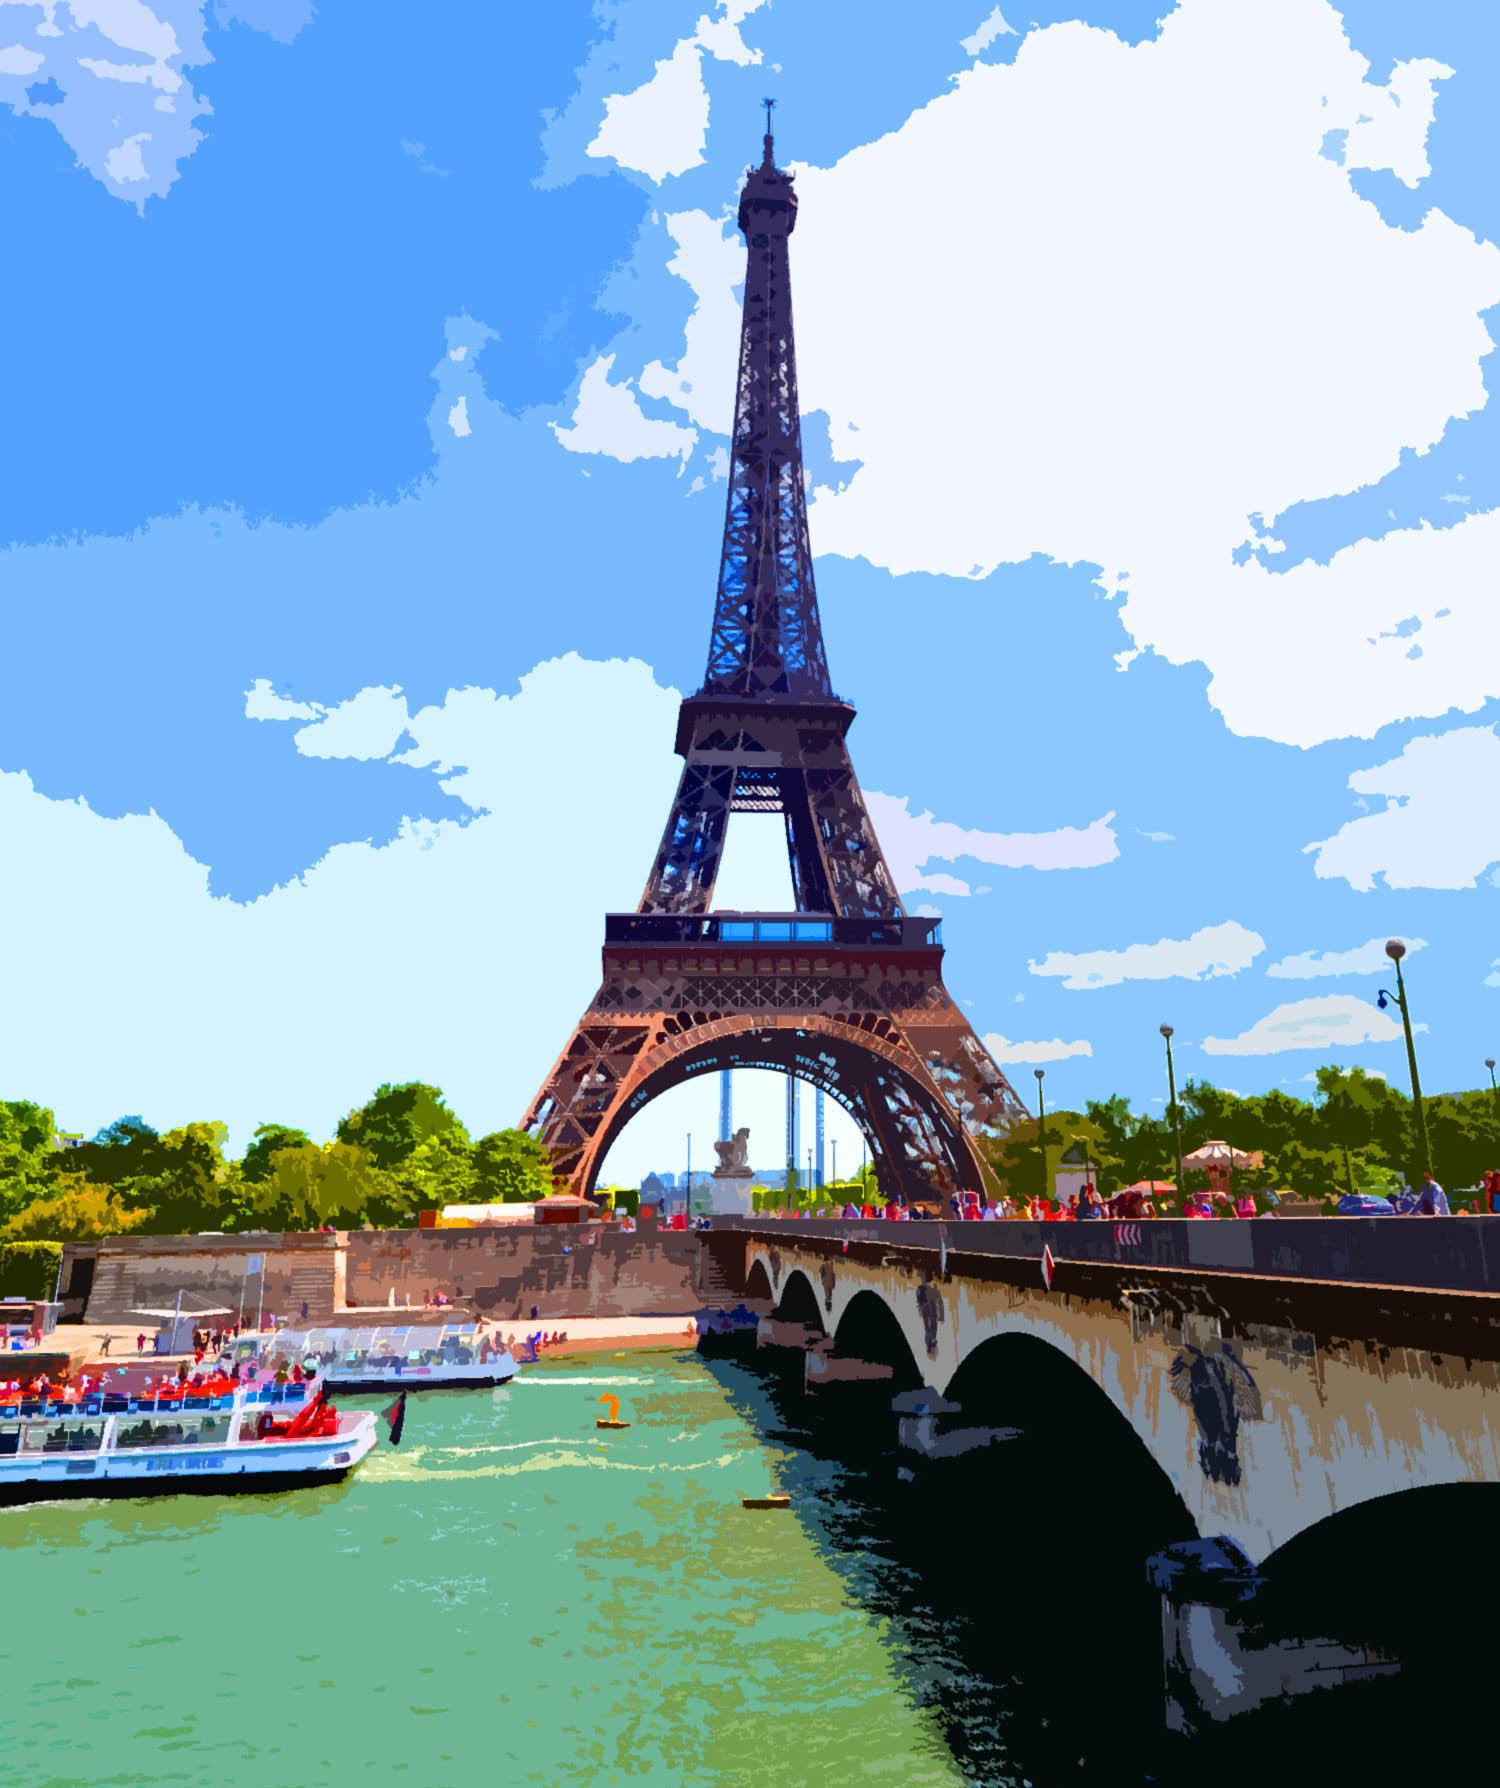 Ilustración gratis - Torre Eiffel al lado del rio Sena